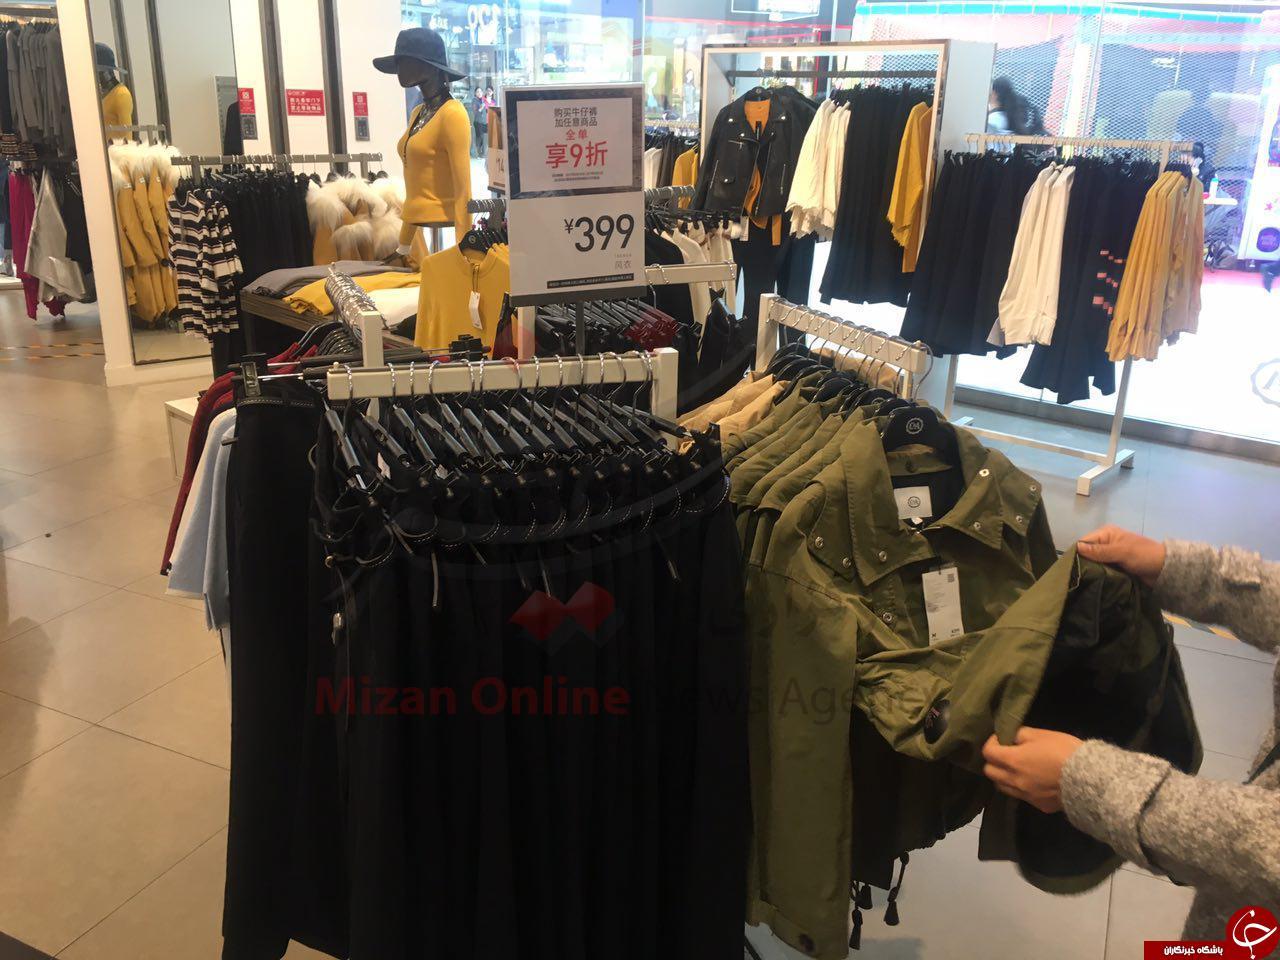 قیمت پوشاک در چین چقدر است؟ +عکس